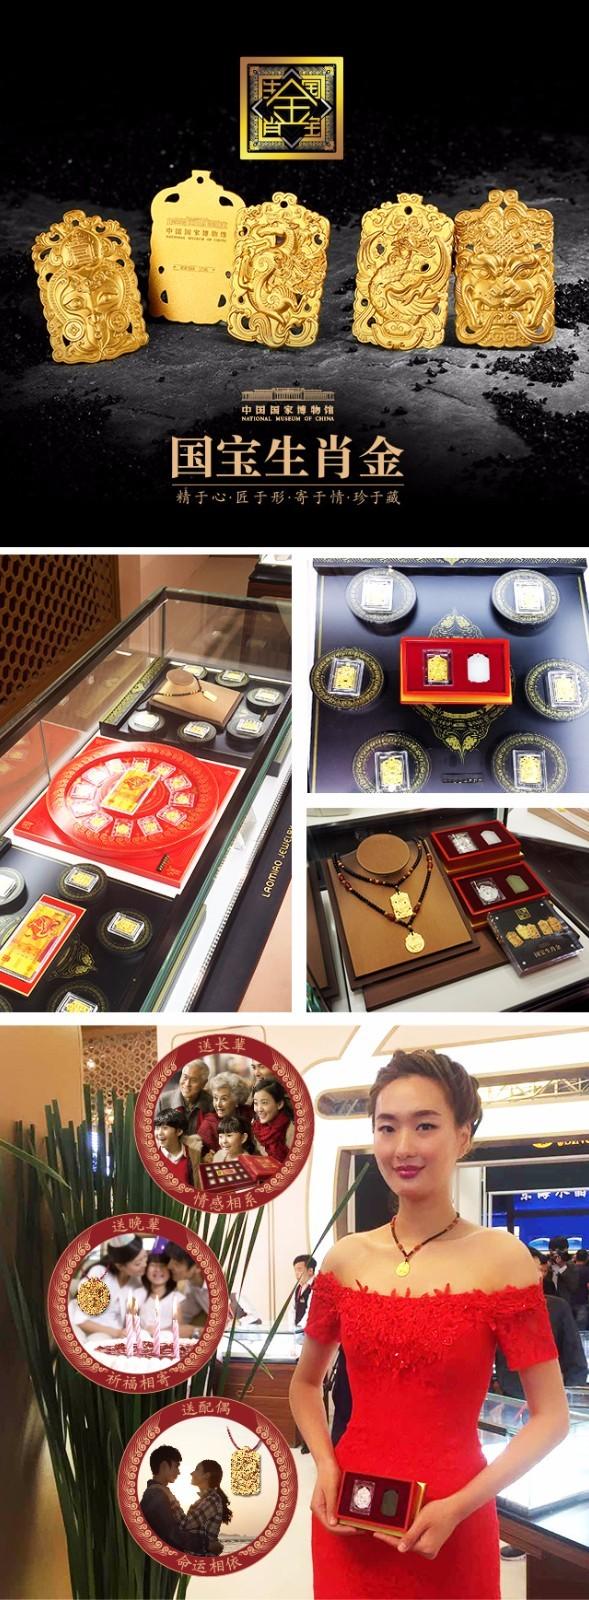 """崭新老庙闪亮上海国际珠宝展,国际范的新中式还能如此""""醉""""人"""